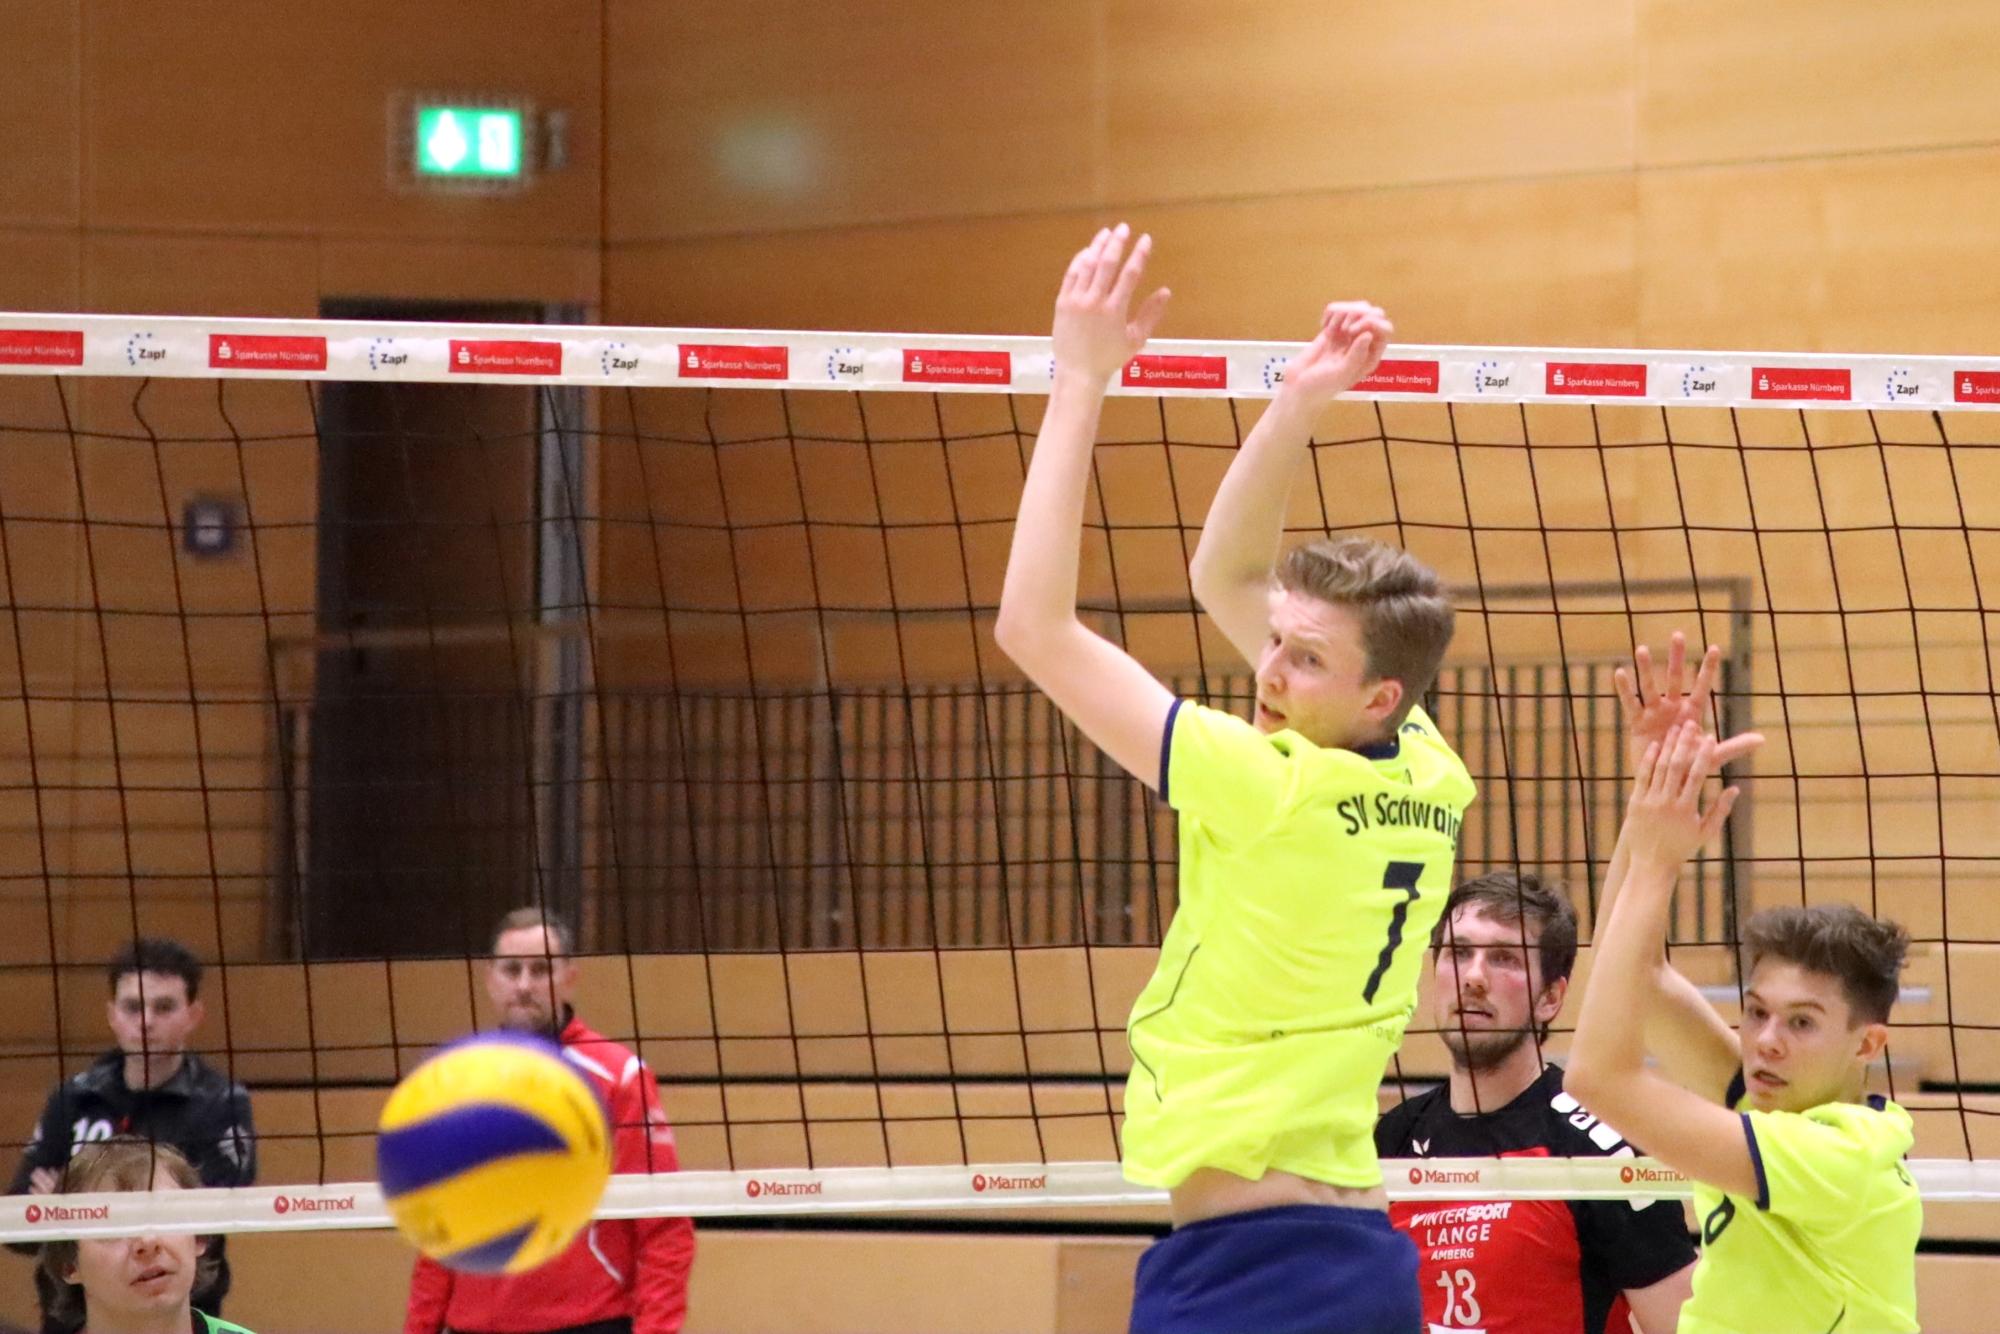 BSVin Schwaig35